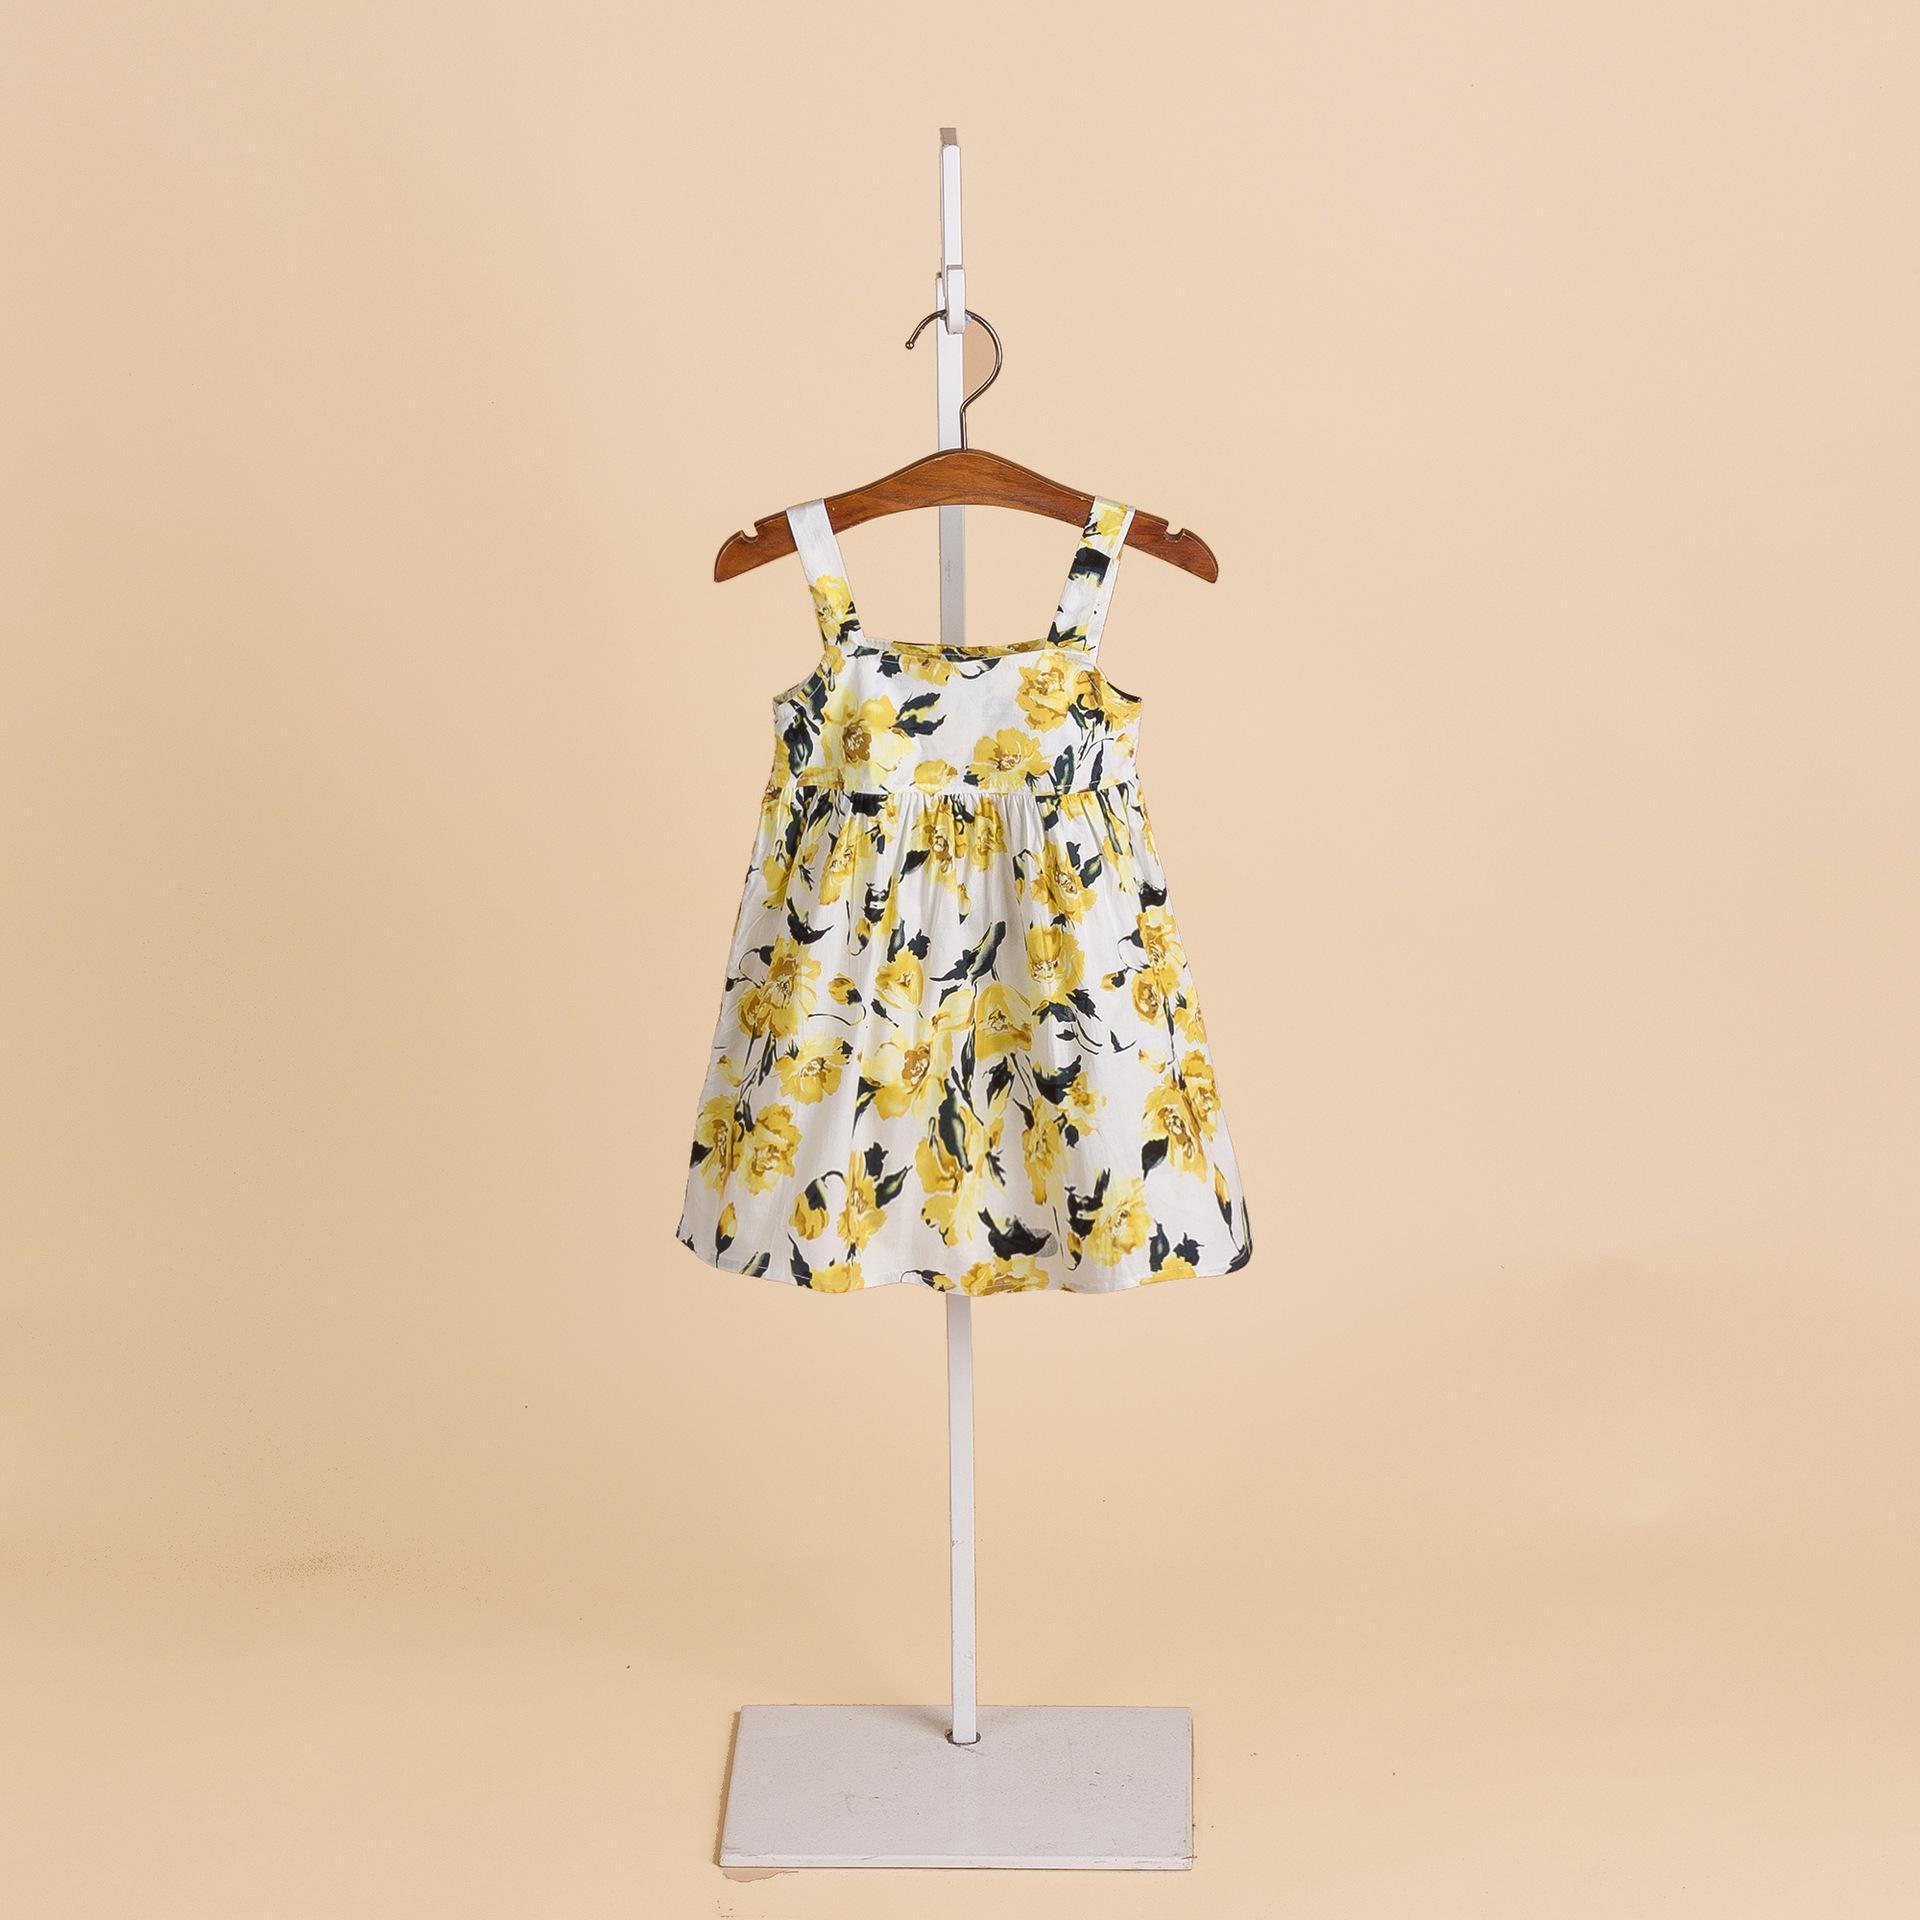 New Kids ragazze di estate dei bambini del vestito raffreddare cablaggio gonna floreale giubbotto bambino abito da principessa